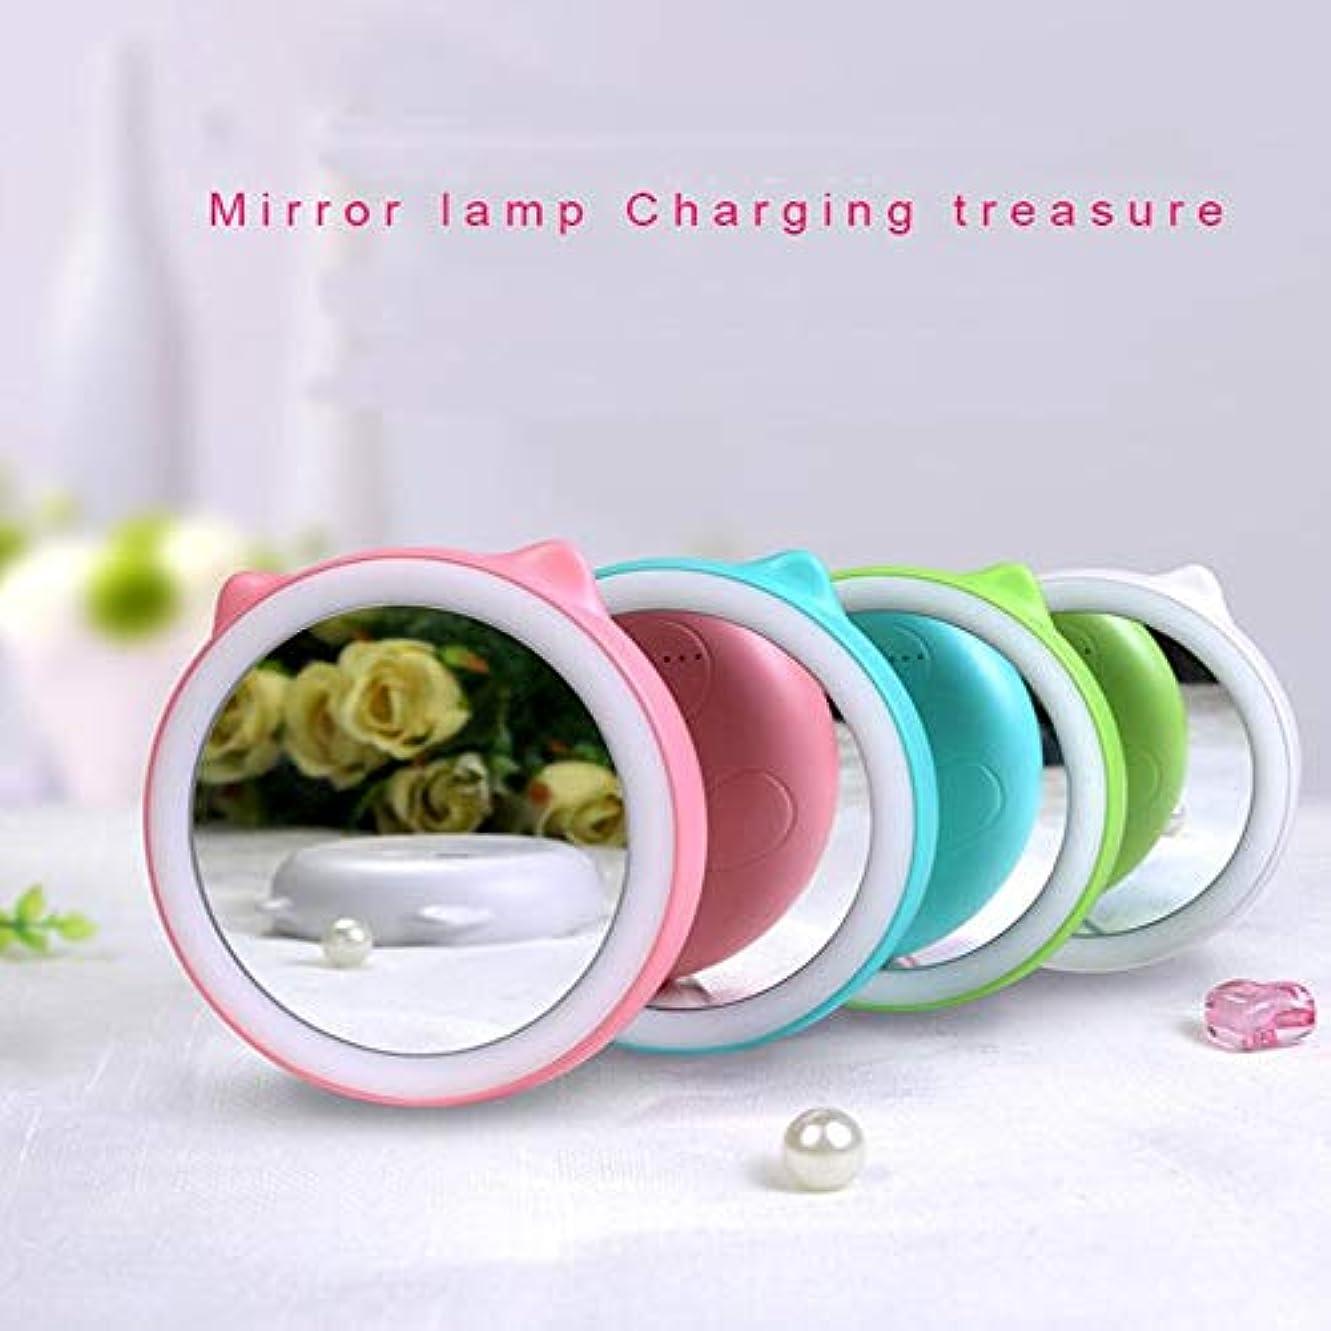 不要金銭的な有利流行の ポータブルLED化粧鏡充電宝物充填光鏡多機能タイミングデザイン美容鏡化粧鏡4ブルーグリーンピンクホワイト直径9センチ厚さ2センチ (色 : Pink)